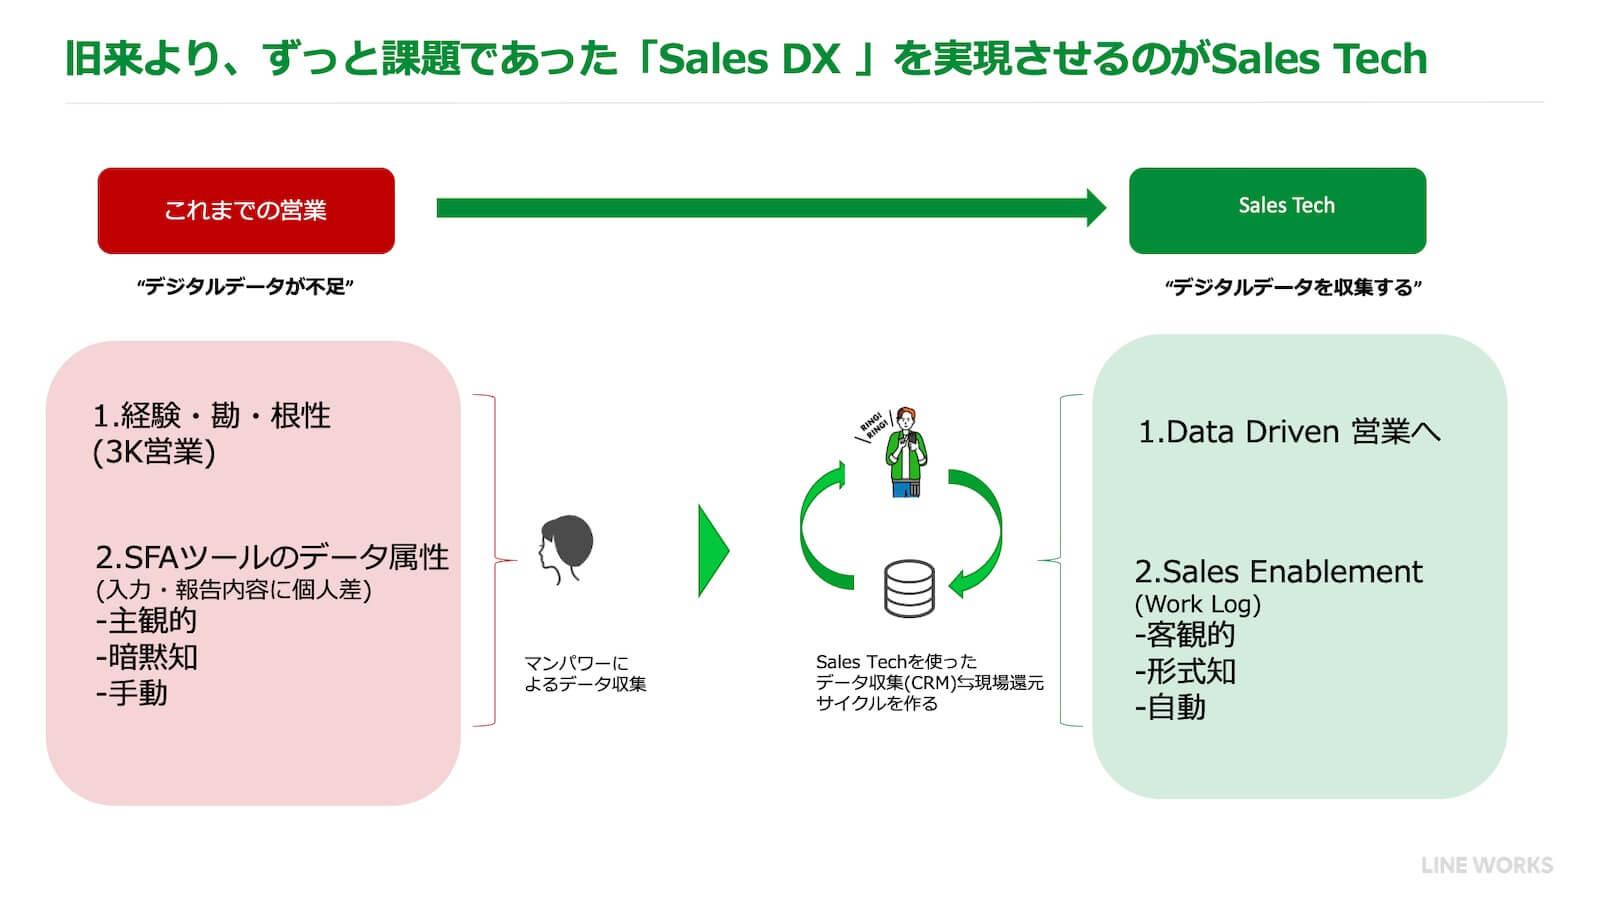 旧来より、ずっと課題であった「Sales DX」を実現させるのがSales Tech